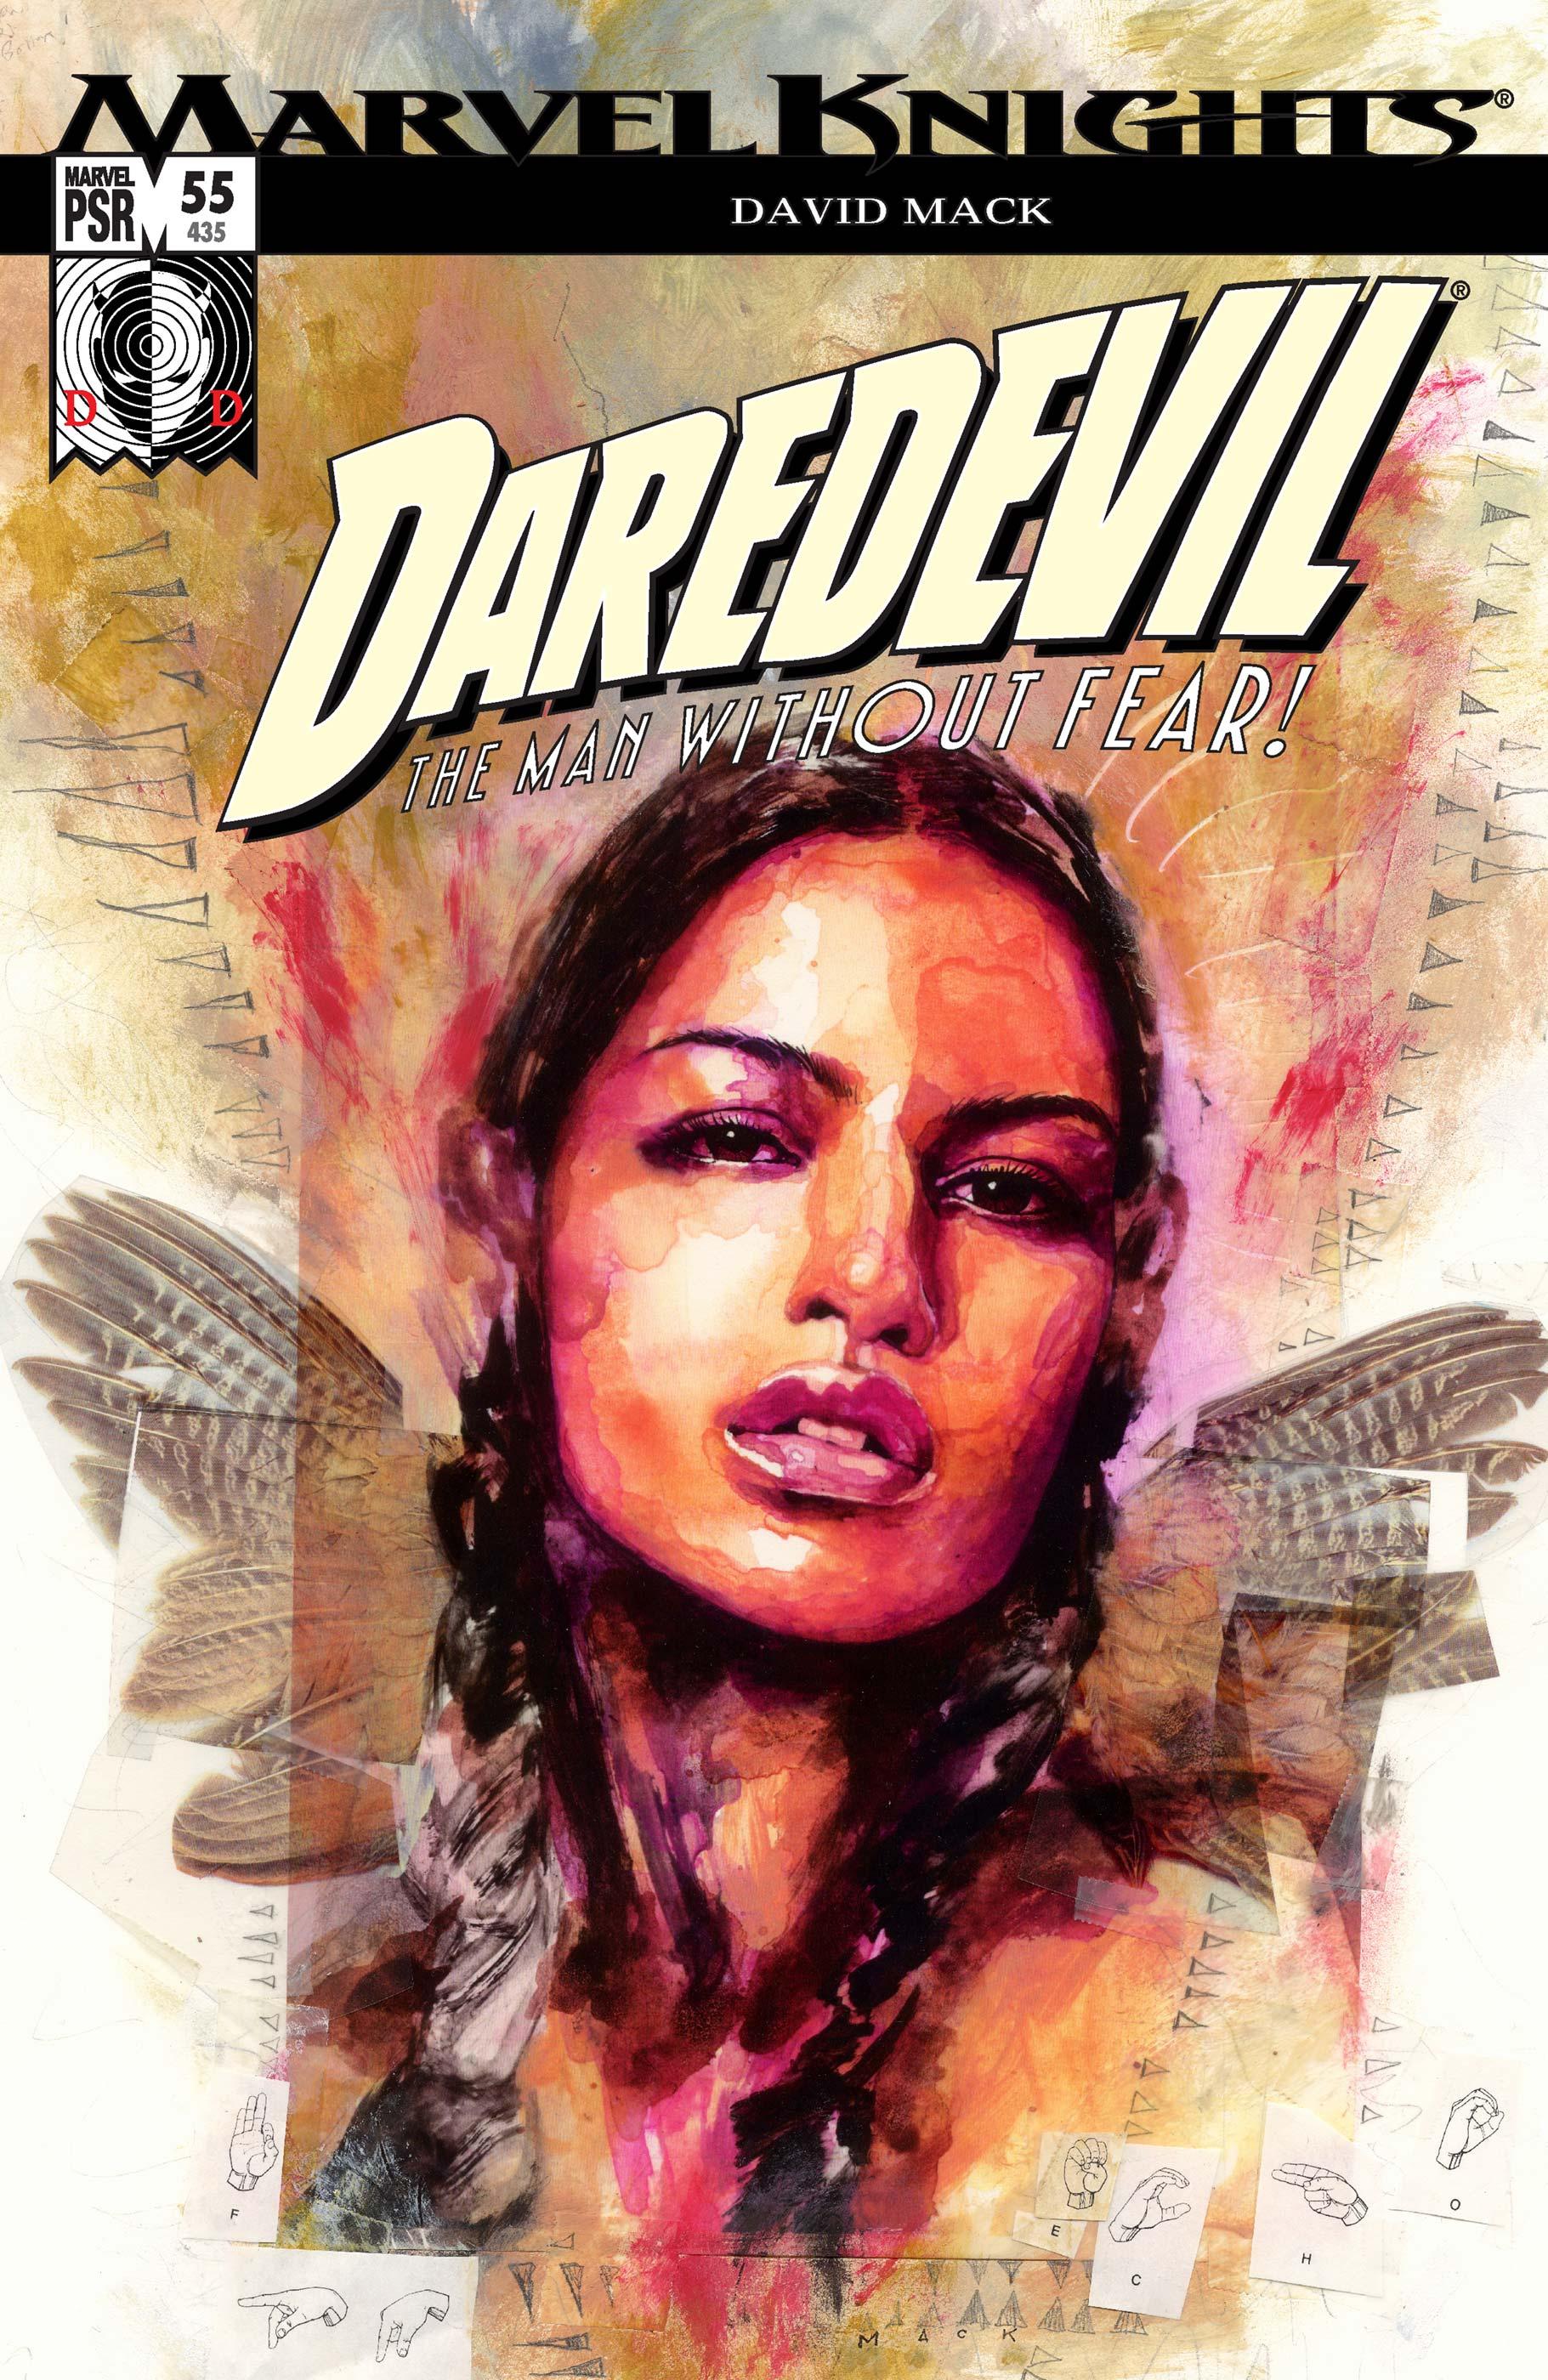 Daredevil (1998) #55